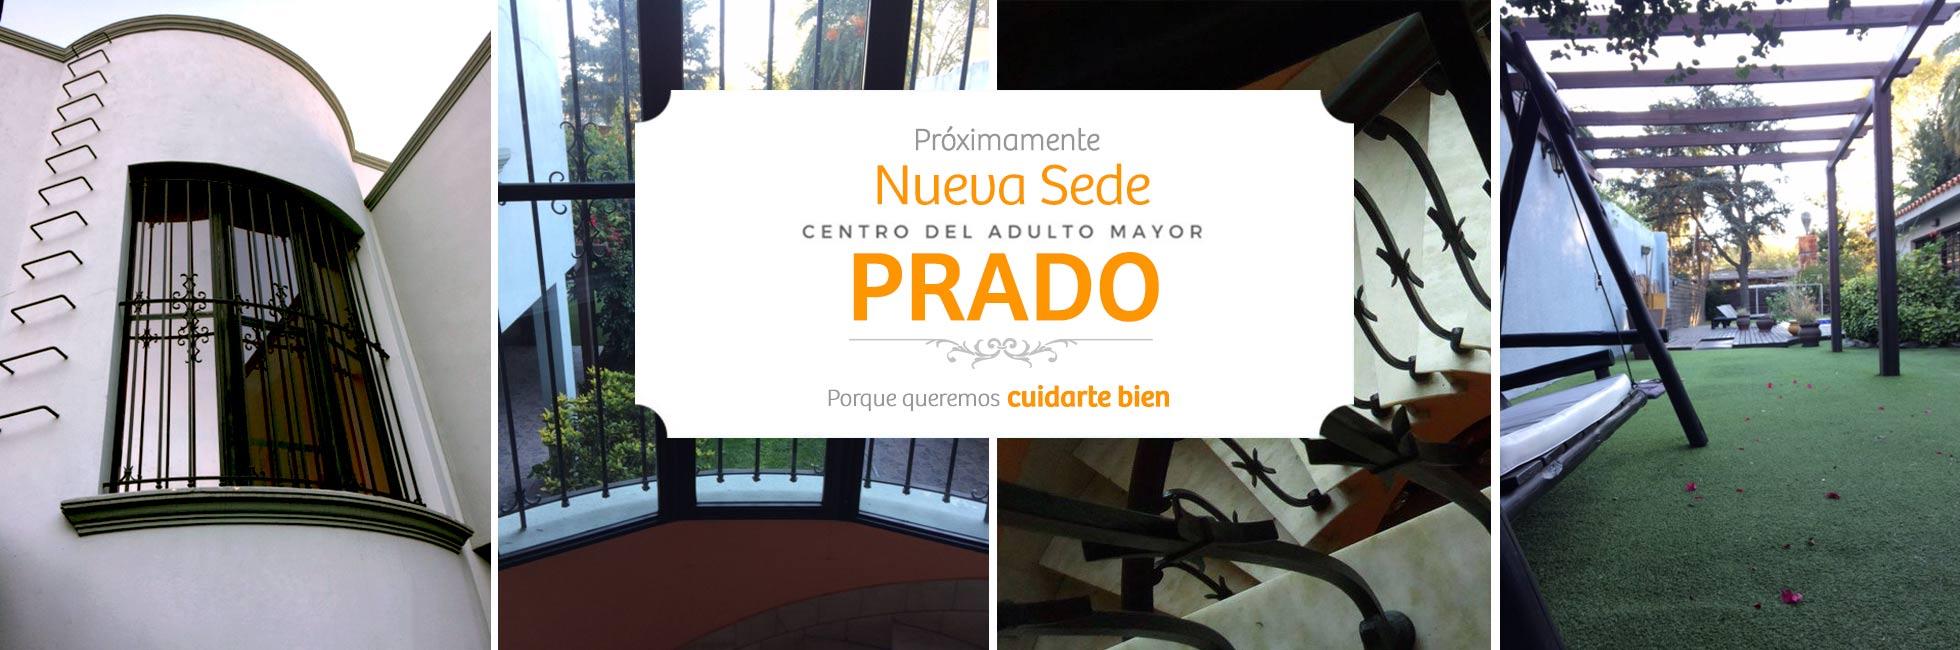 Centro del Adulto Mayor - Sede Prados